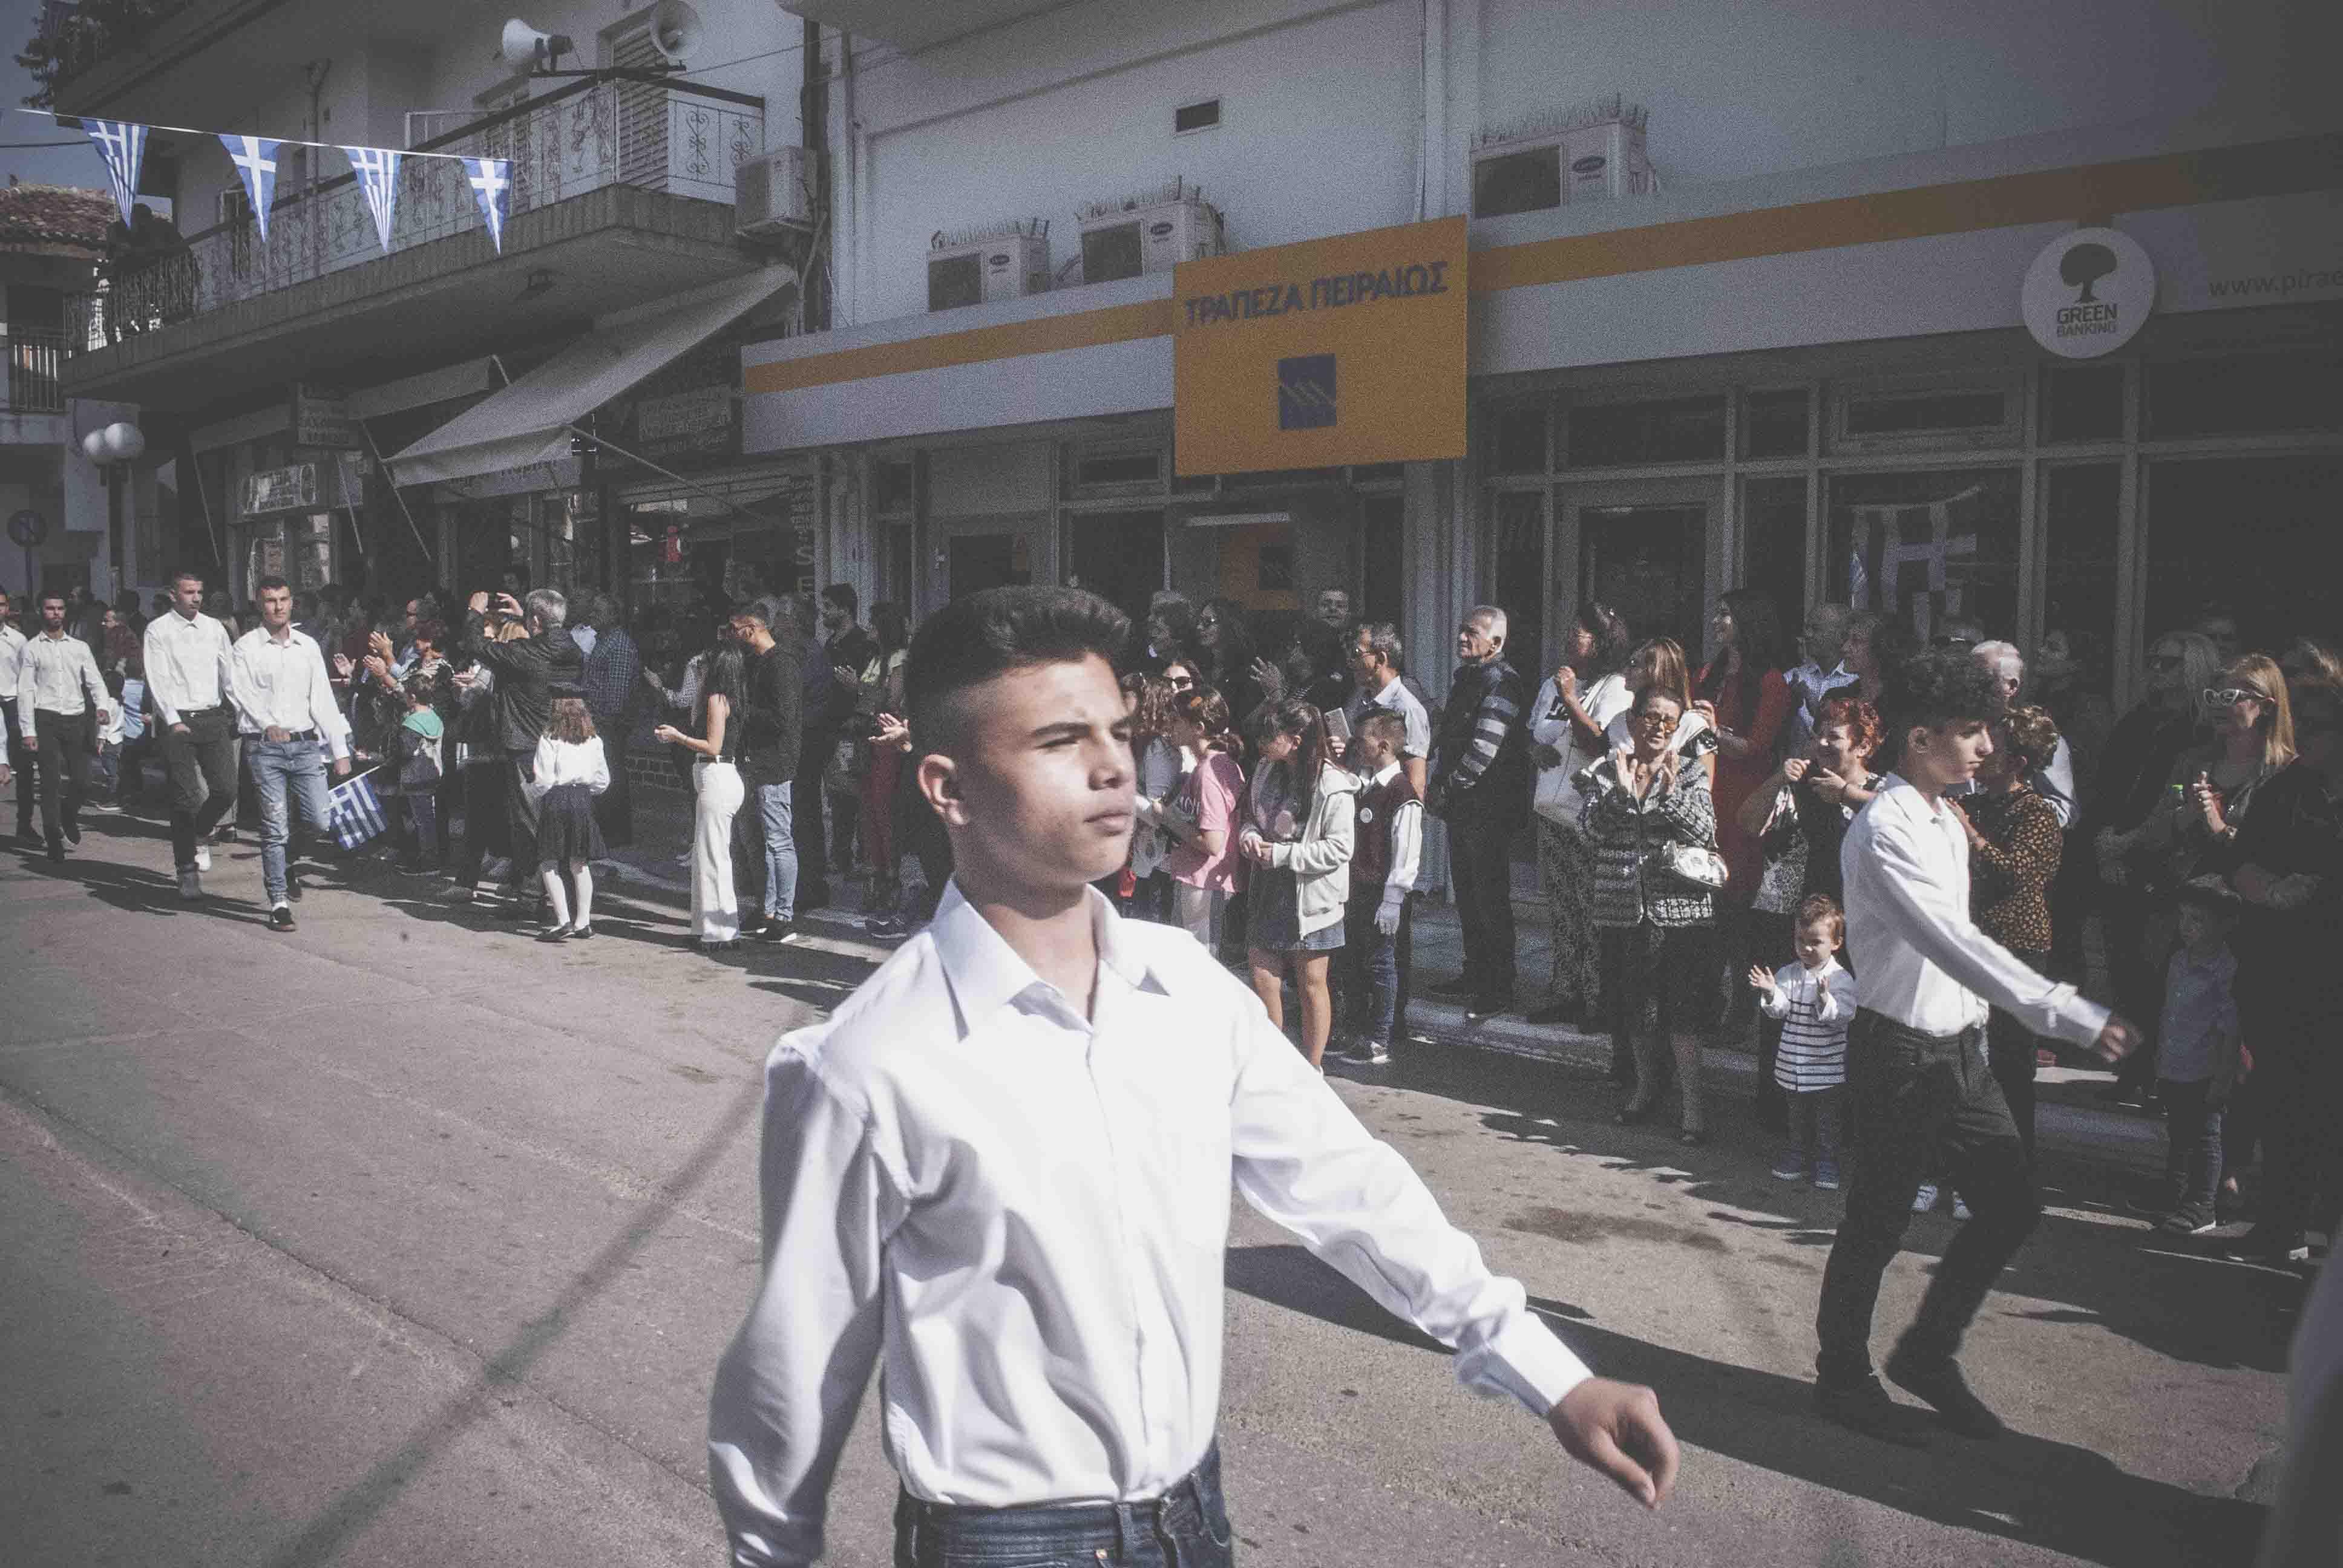 Φωτογραφικό υλικό από την παρέλαση στα Ψαχνά DSC 0433  Η παρέλαση της 28ης Οκτωβρίου σε Καστέλλα και Ψαχνά (φωτό) DSC 0433